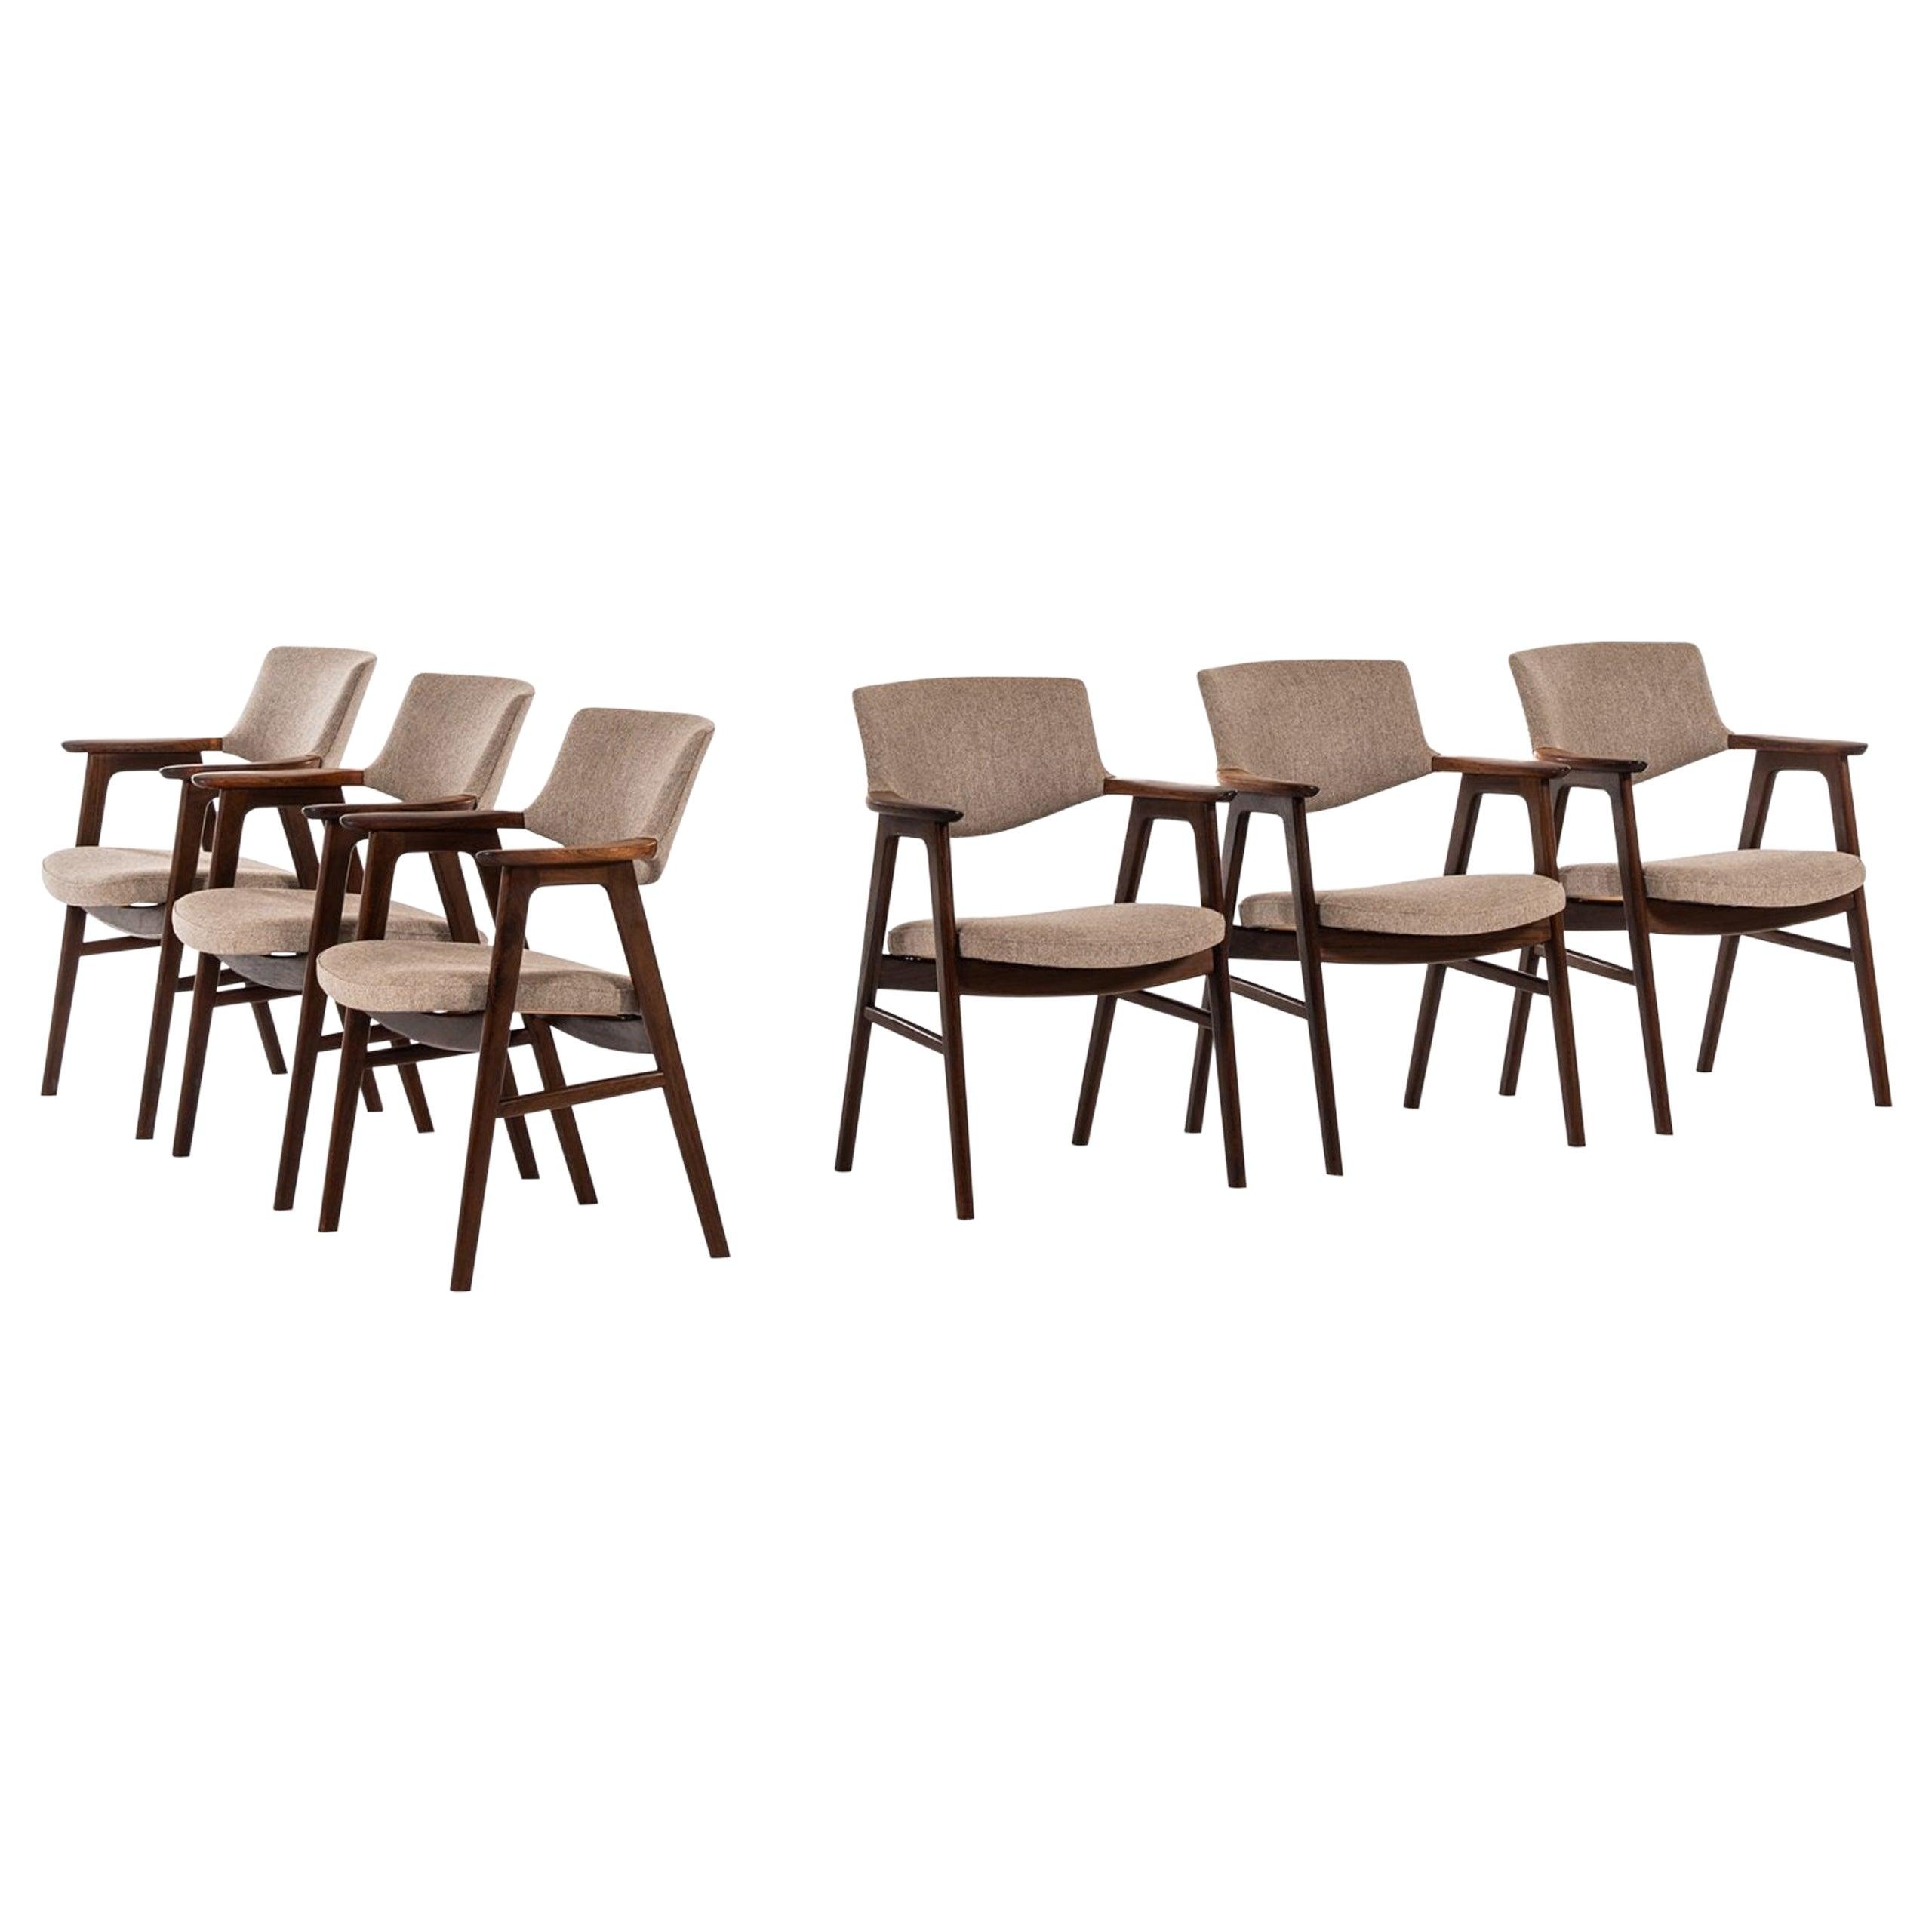 Erik Kirkegaard Armchairs / Dining Chairs by Høng Stolefabrik in Denmark